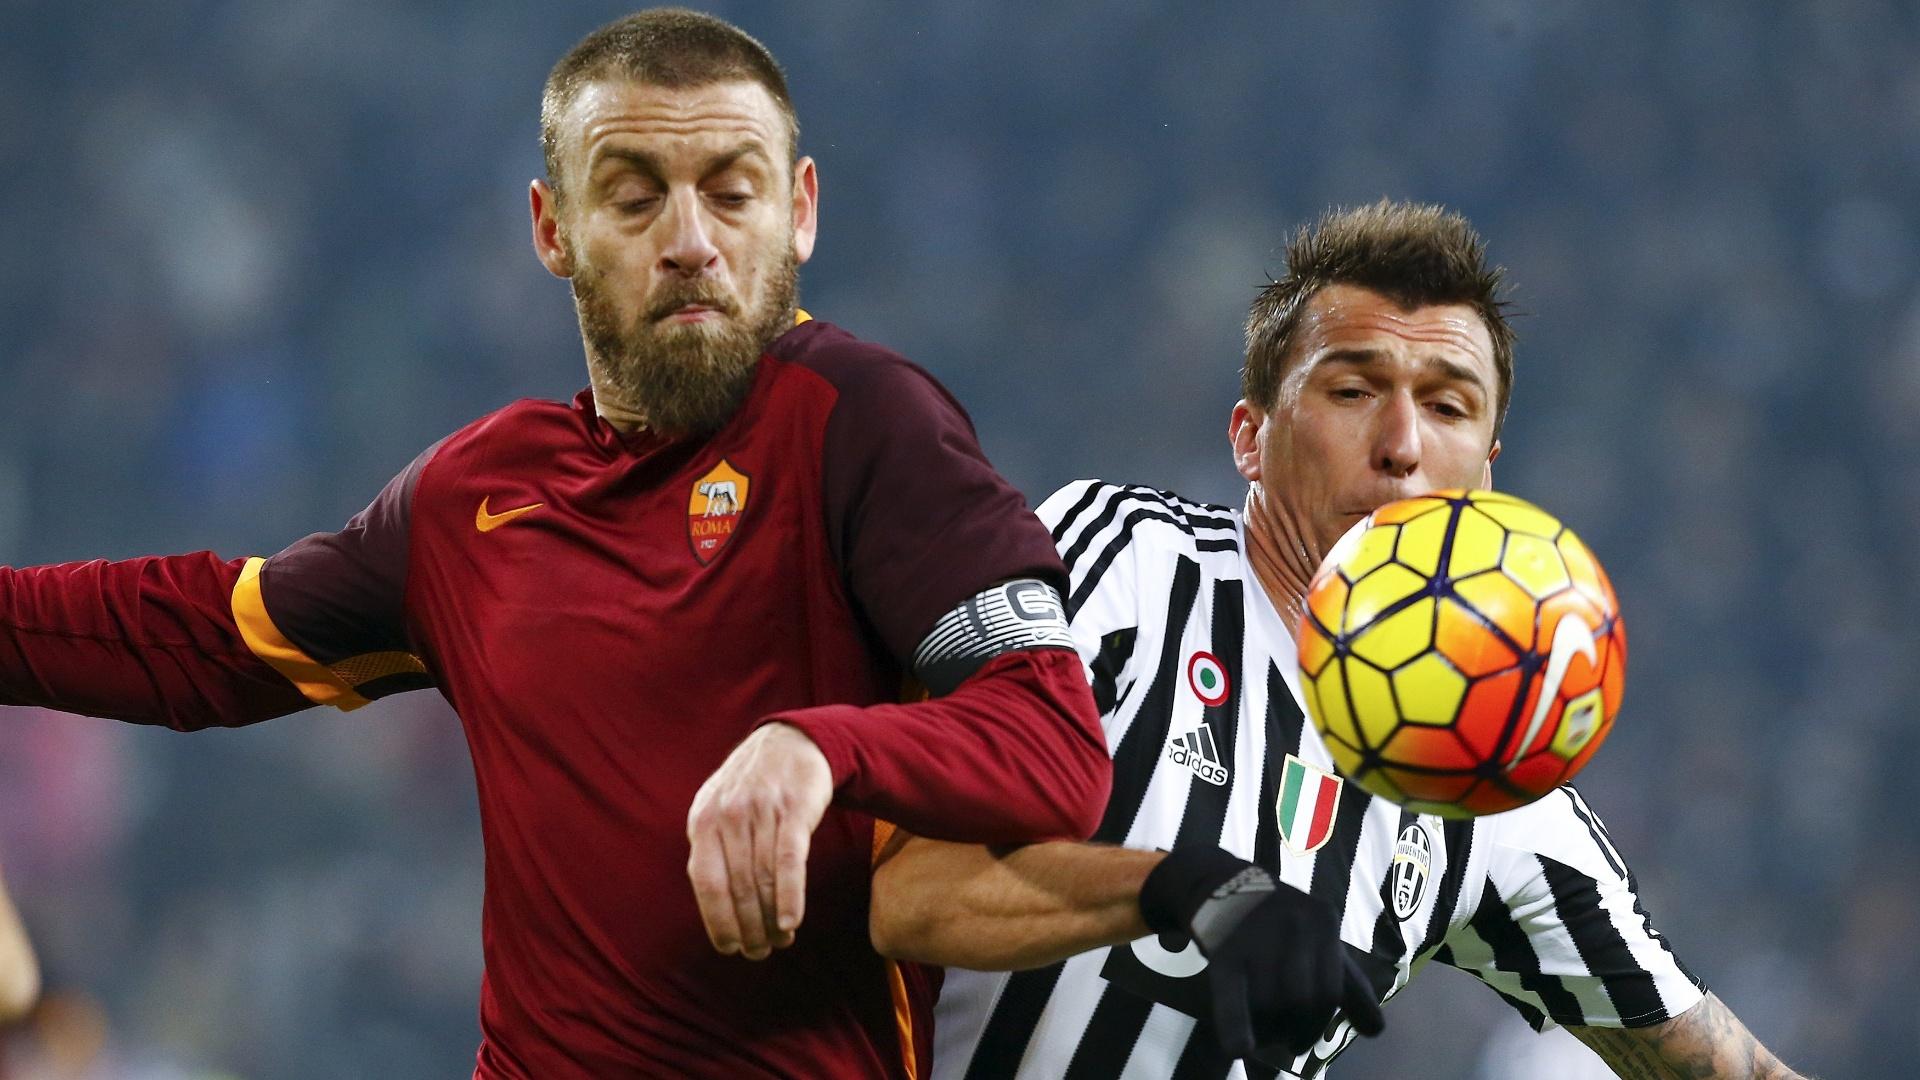 De Rossi se desentendeu com Mandzukic durante a partida entre Roma e Juventus